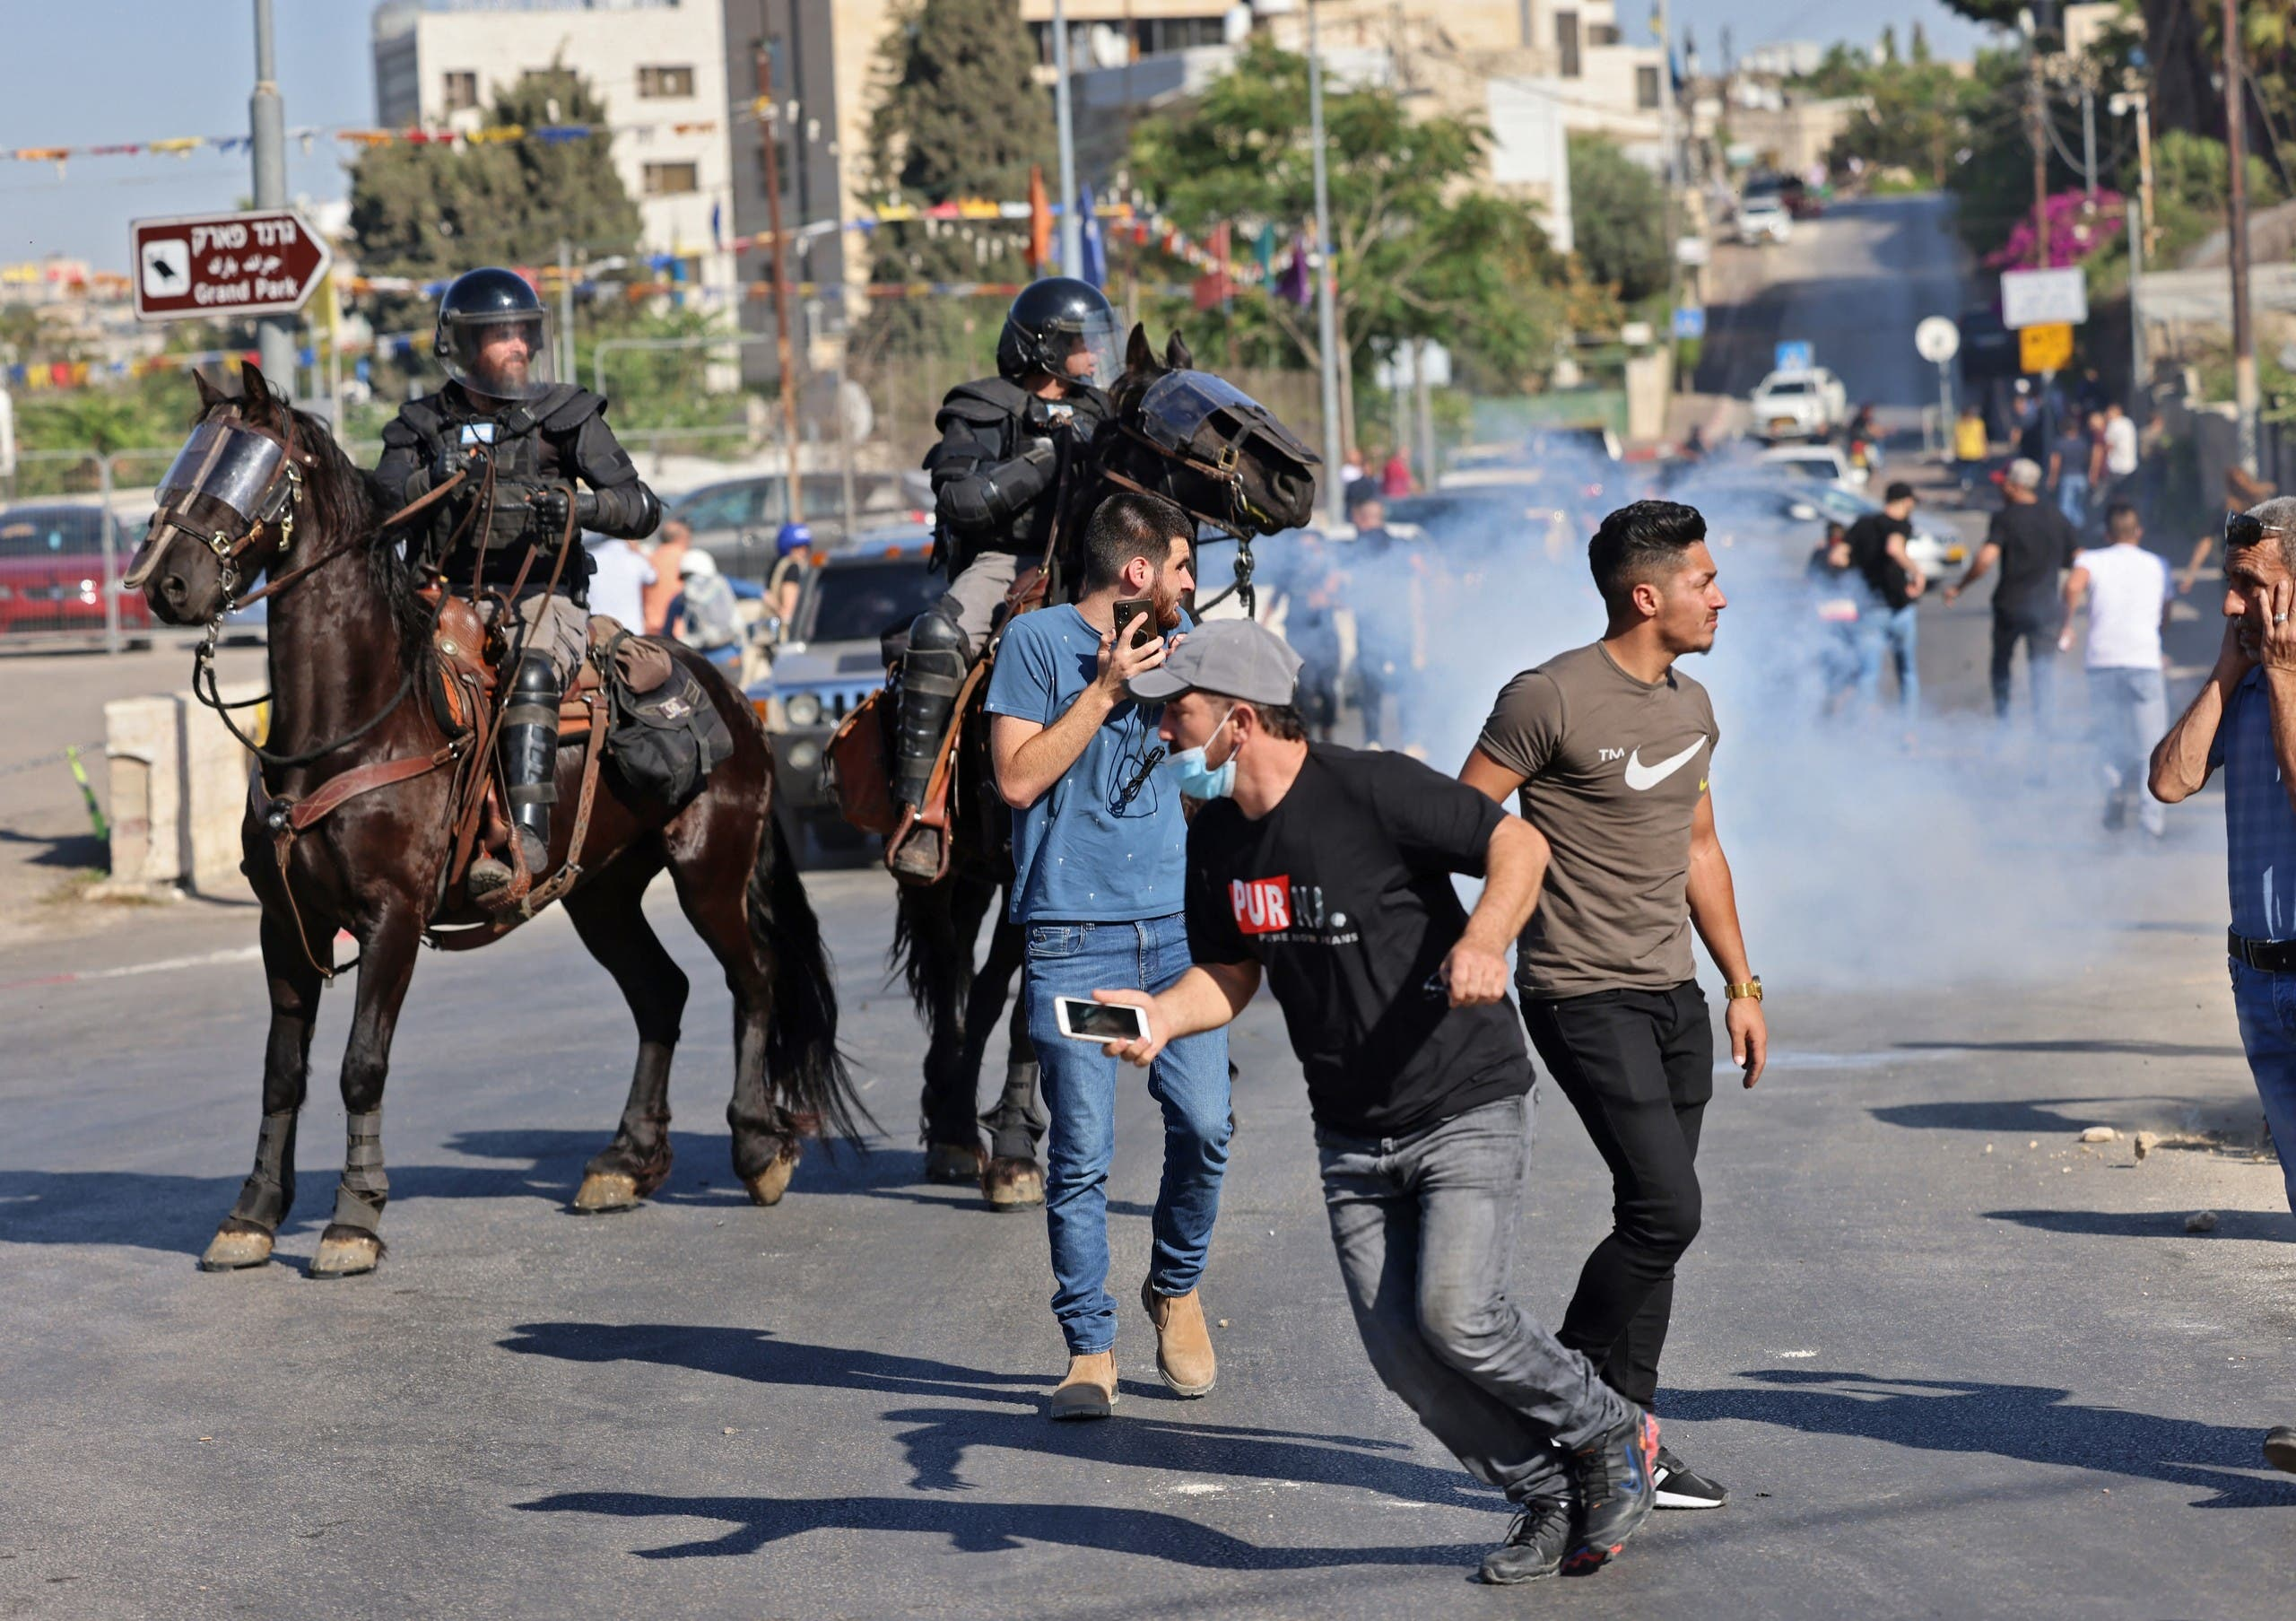 مواجهات في القدس الشرقية بين محتجين فلسطينيين والشرطة الإسرائيلية